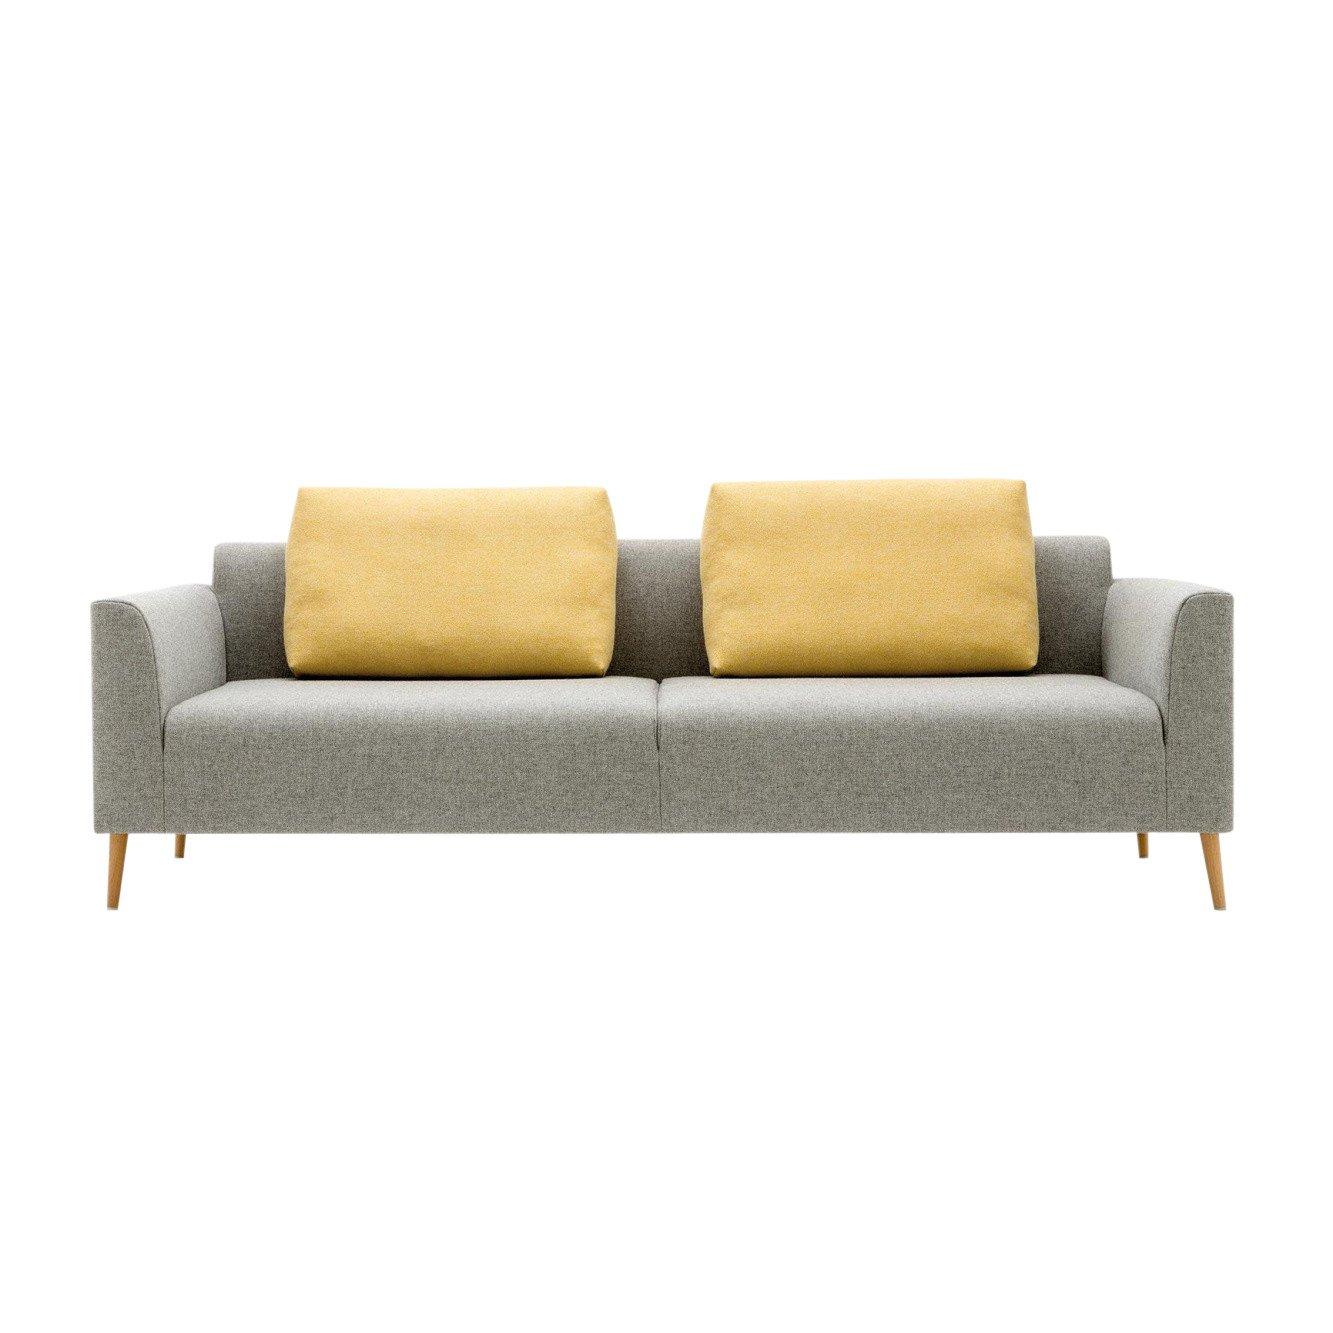 Faszinierend Benz Couch Dekoration Von Freistil Rolf - Freistil 162 3-seater Sofa